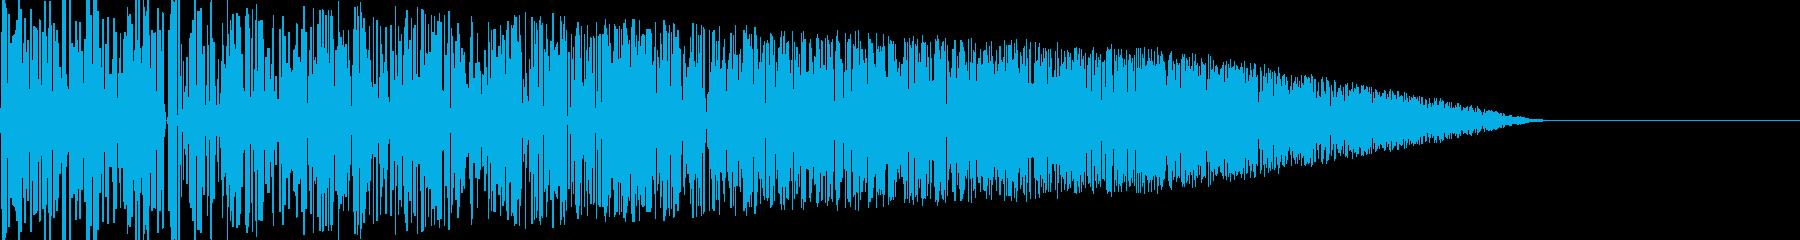 バシ!(攻撃/格闘/アタック/ファミコンの再生済みの波形